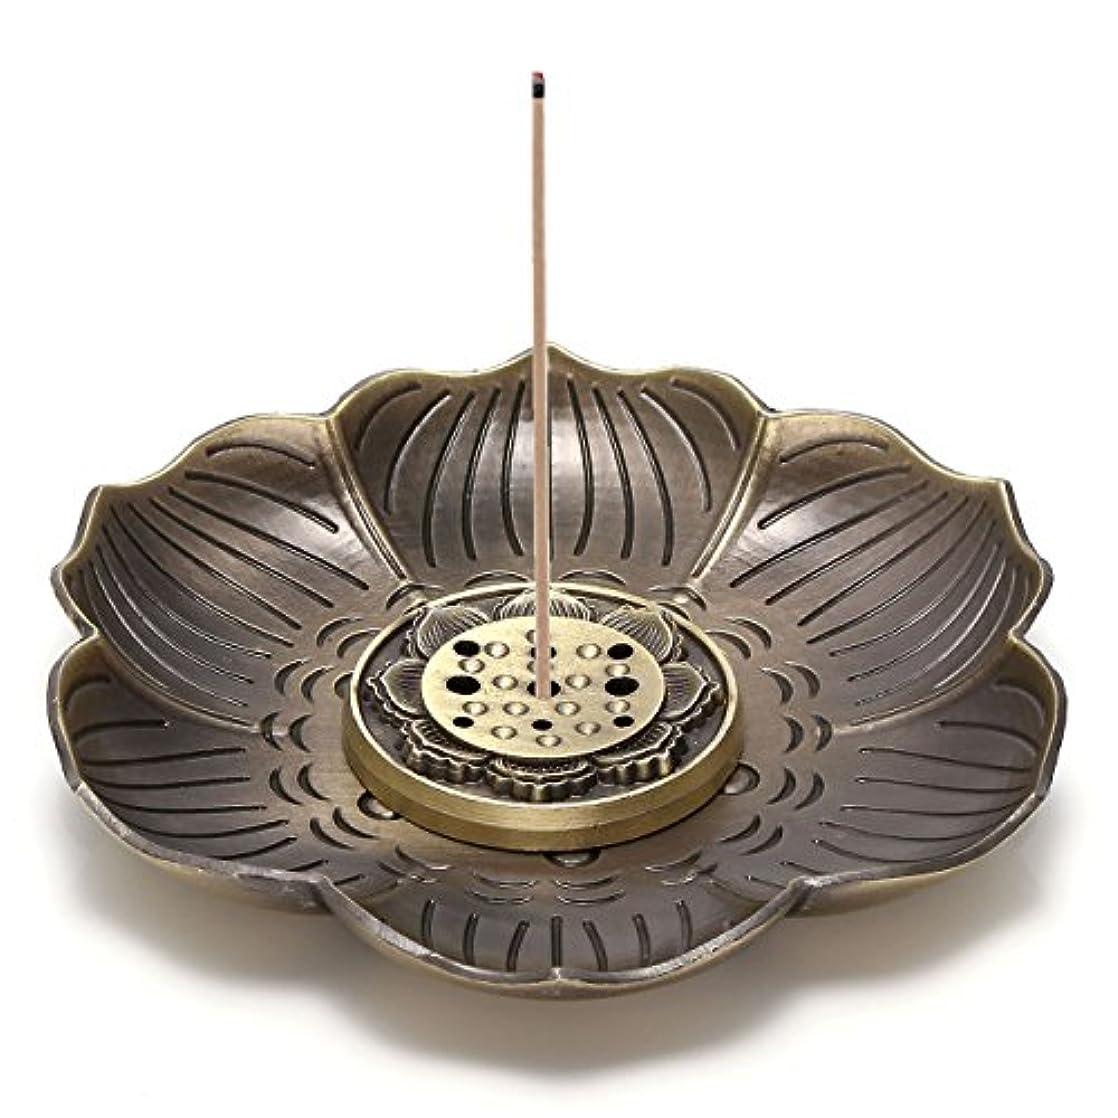 恐ろしいですハード航海のJovivi真鍮Incense Holder – Lotus Stick Incense Burner and Cone Incense逆流ホルダーwith Ashキャッチャー AJ101010100651